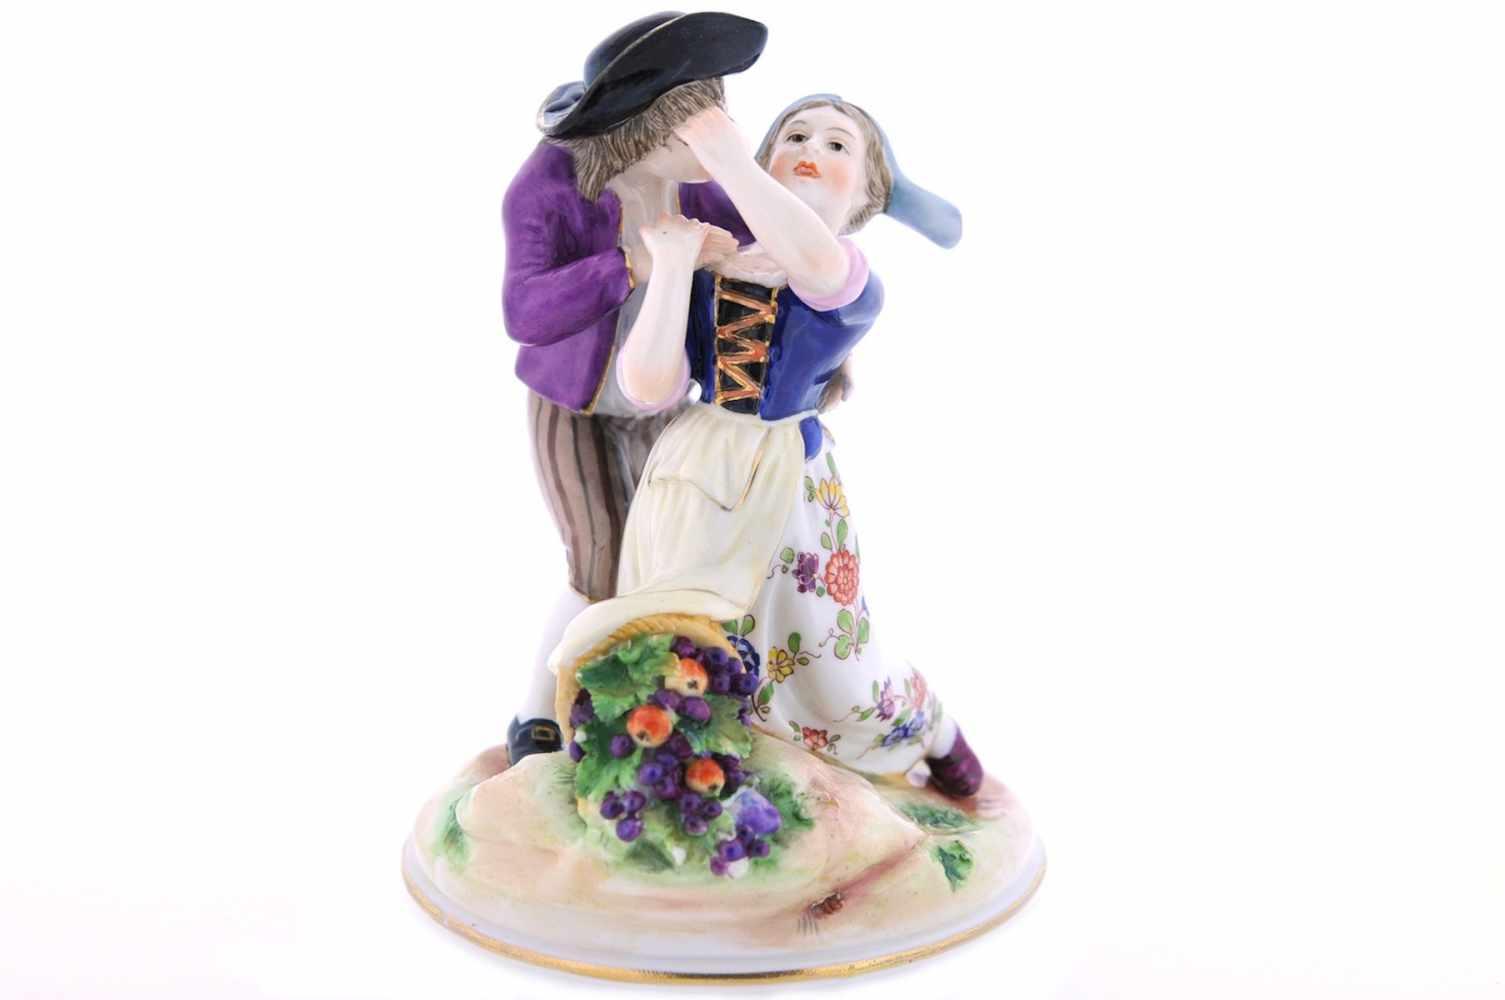 FIGURENGRUPPE Porzellan, bunt staffiert, ein ungestümer Bursche bedrängt ein Mädchen (#Metoo),